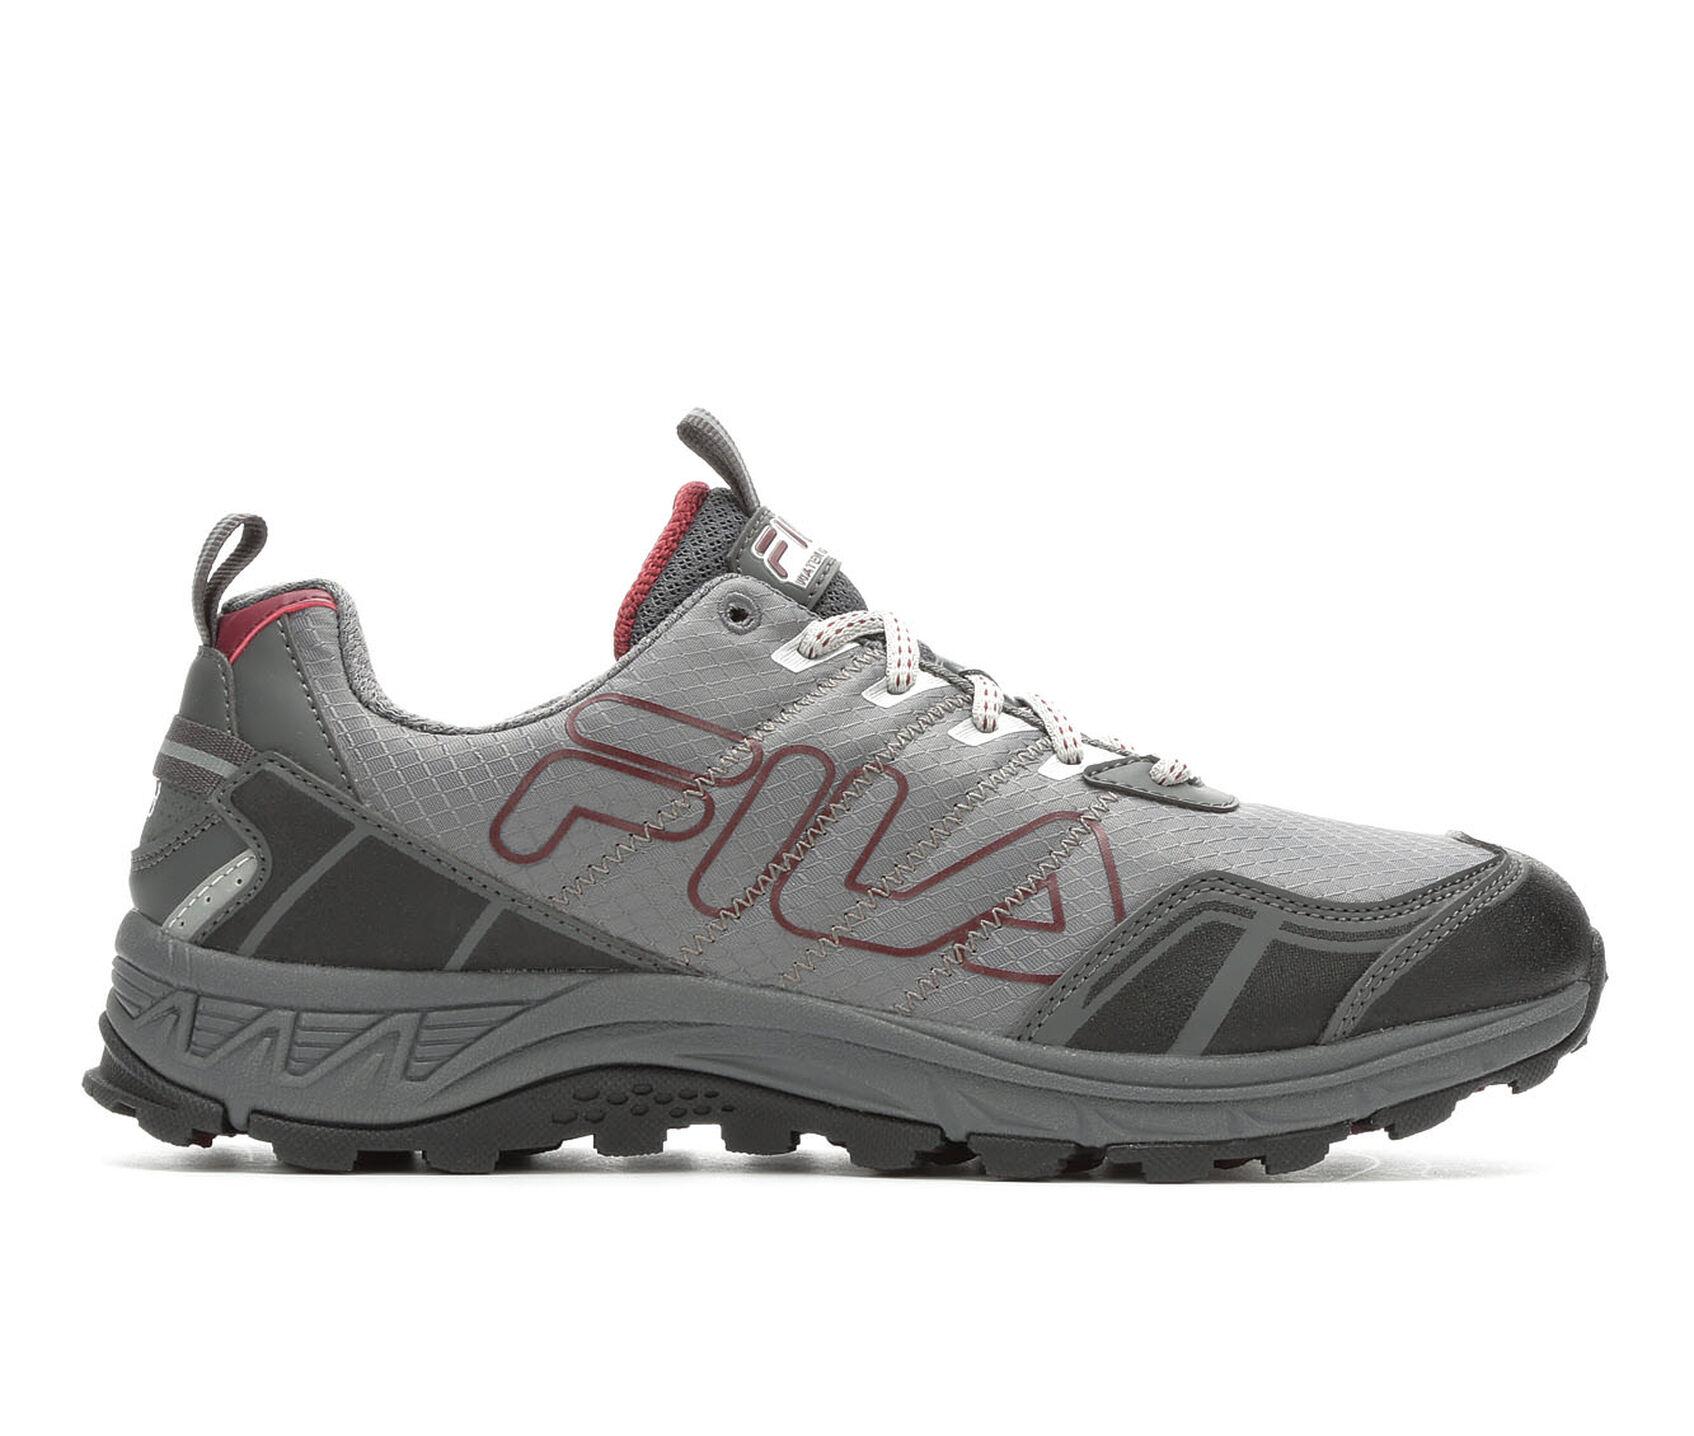 f6e71139ac Men's Fila Memory Blowout Trail Running Shoes | Shoe Carnival